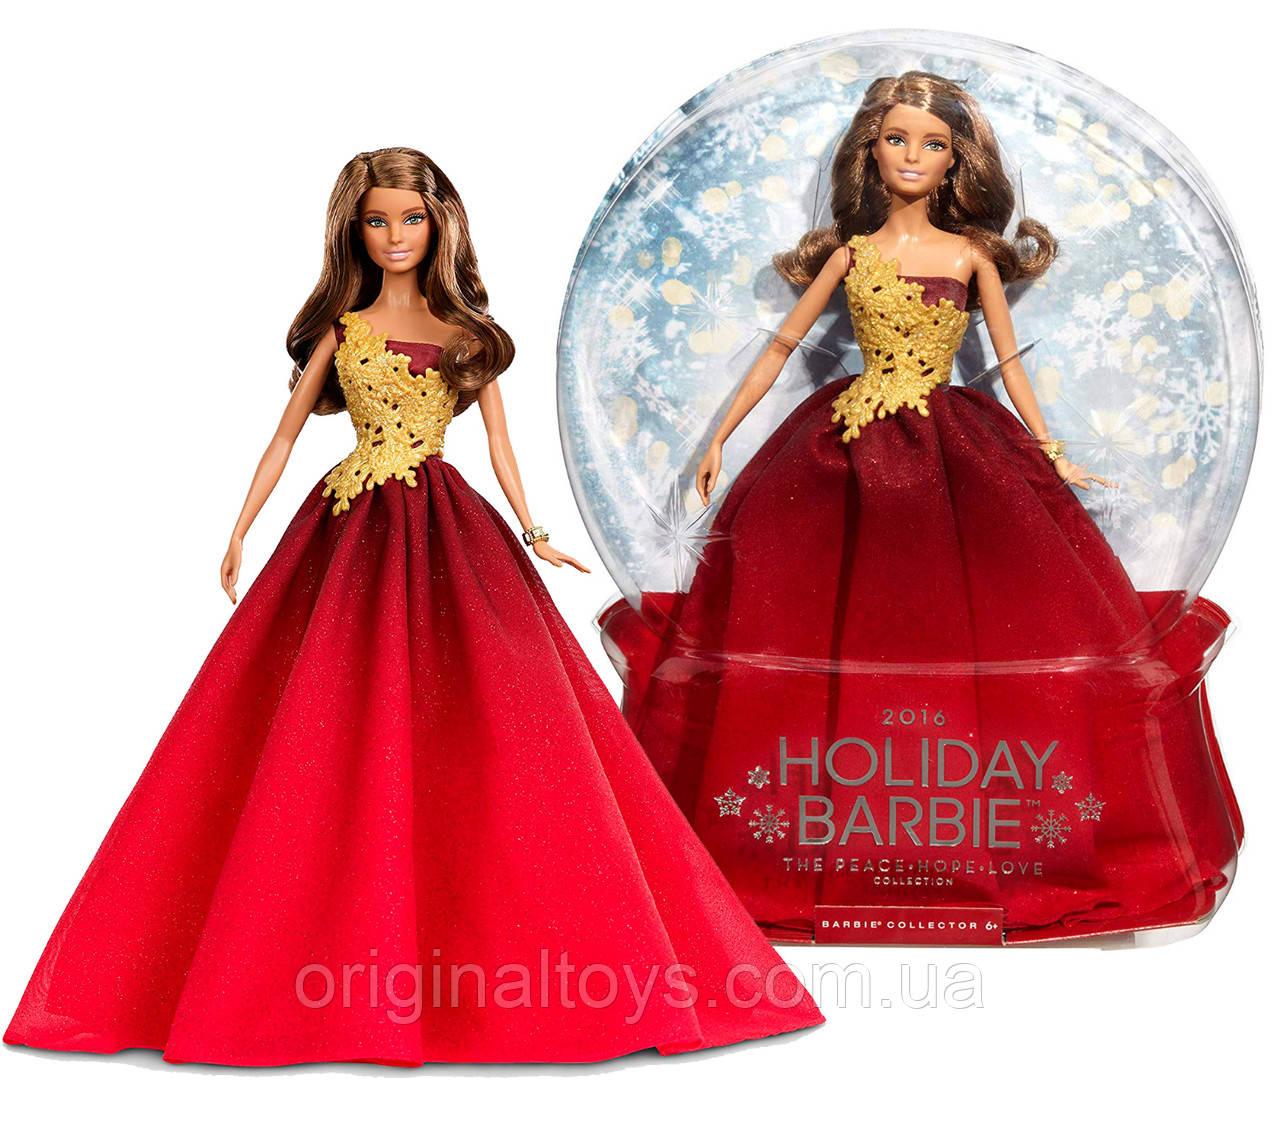 Коллекционная кукла Барби Праздничная в красном платье Barbie Holiday Red Gown 2016 DRD25